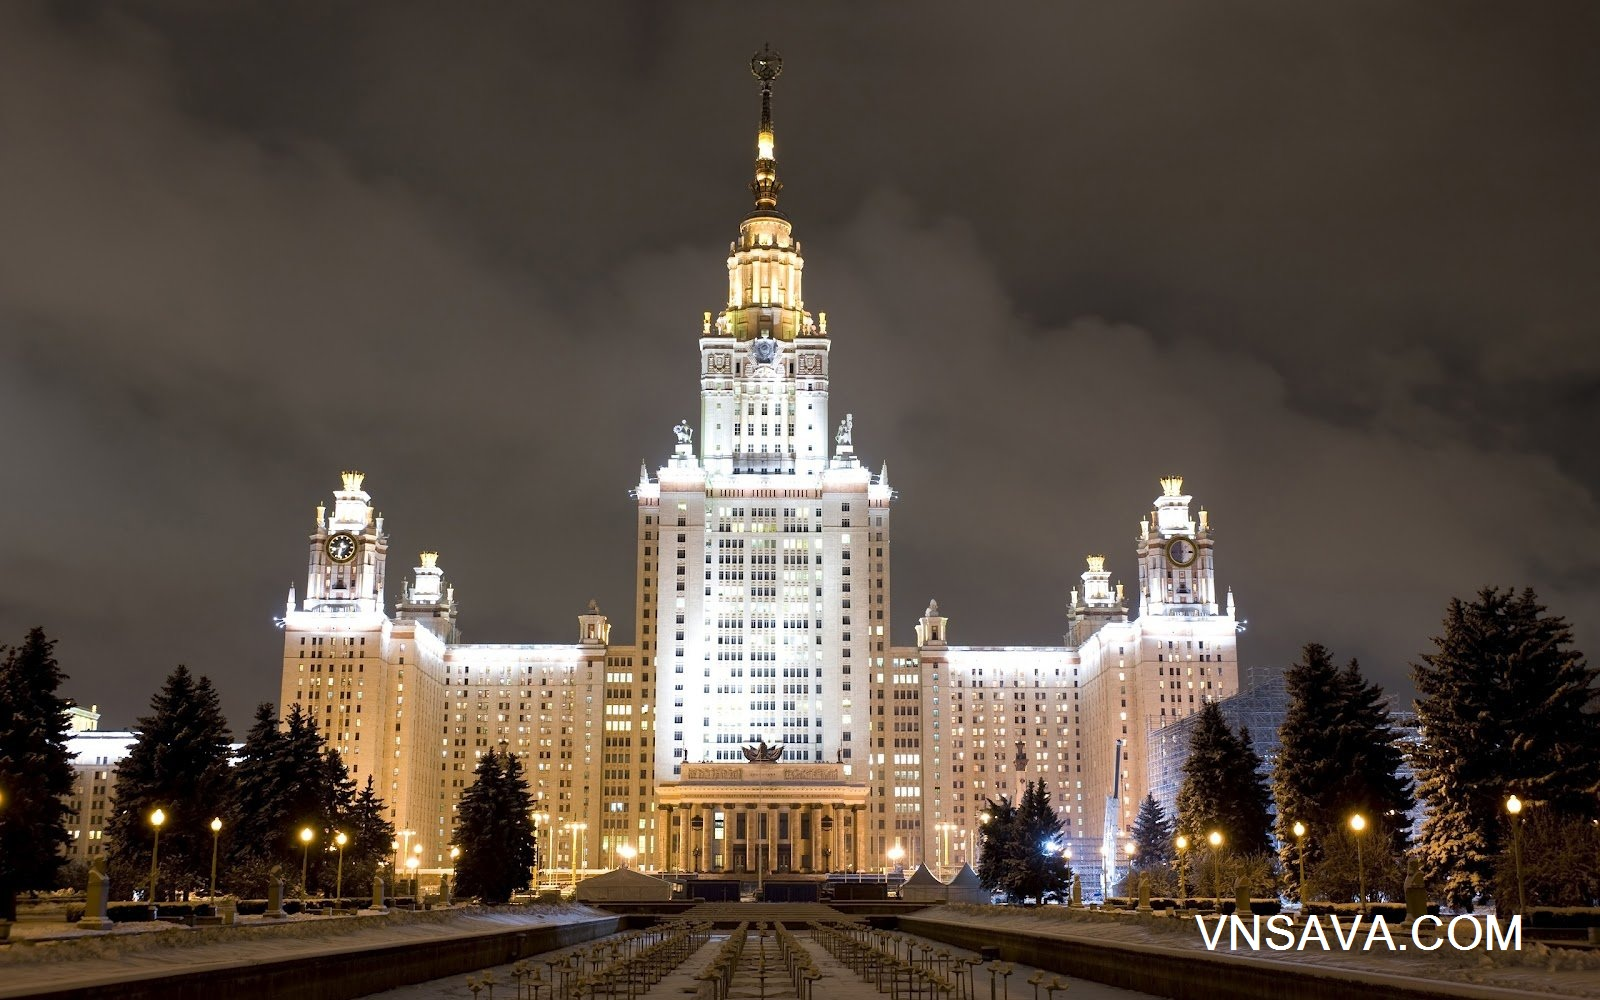 Du học Nga - Tư vấn, học bổng, chí phí, visa - Vnsava.com